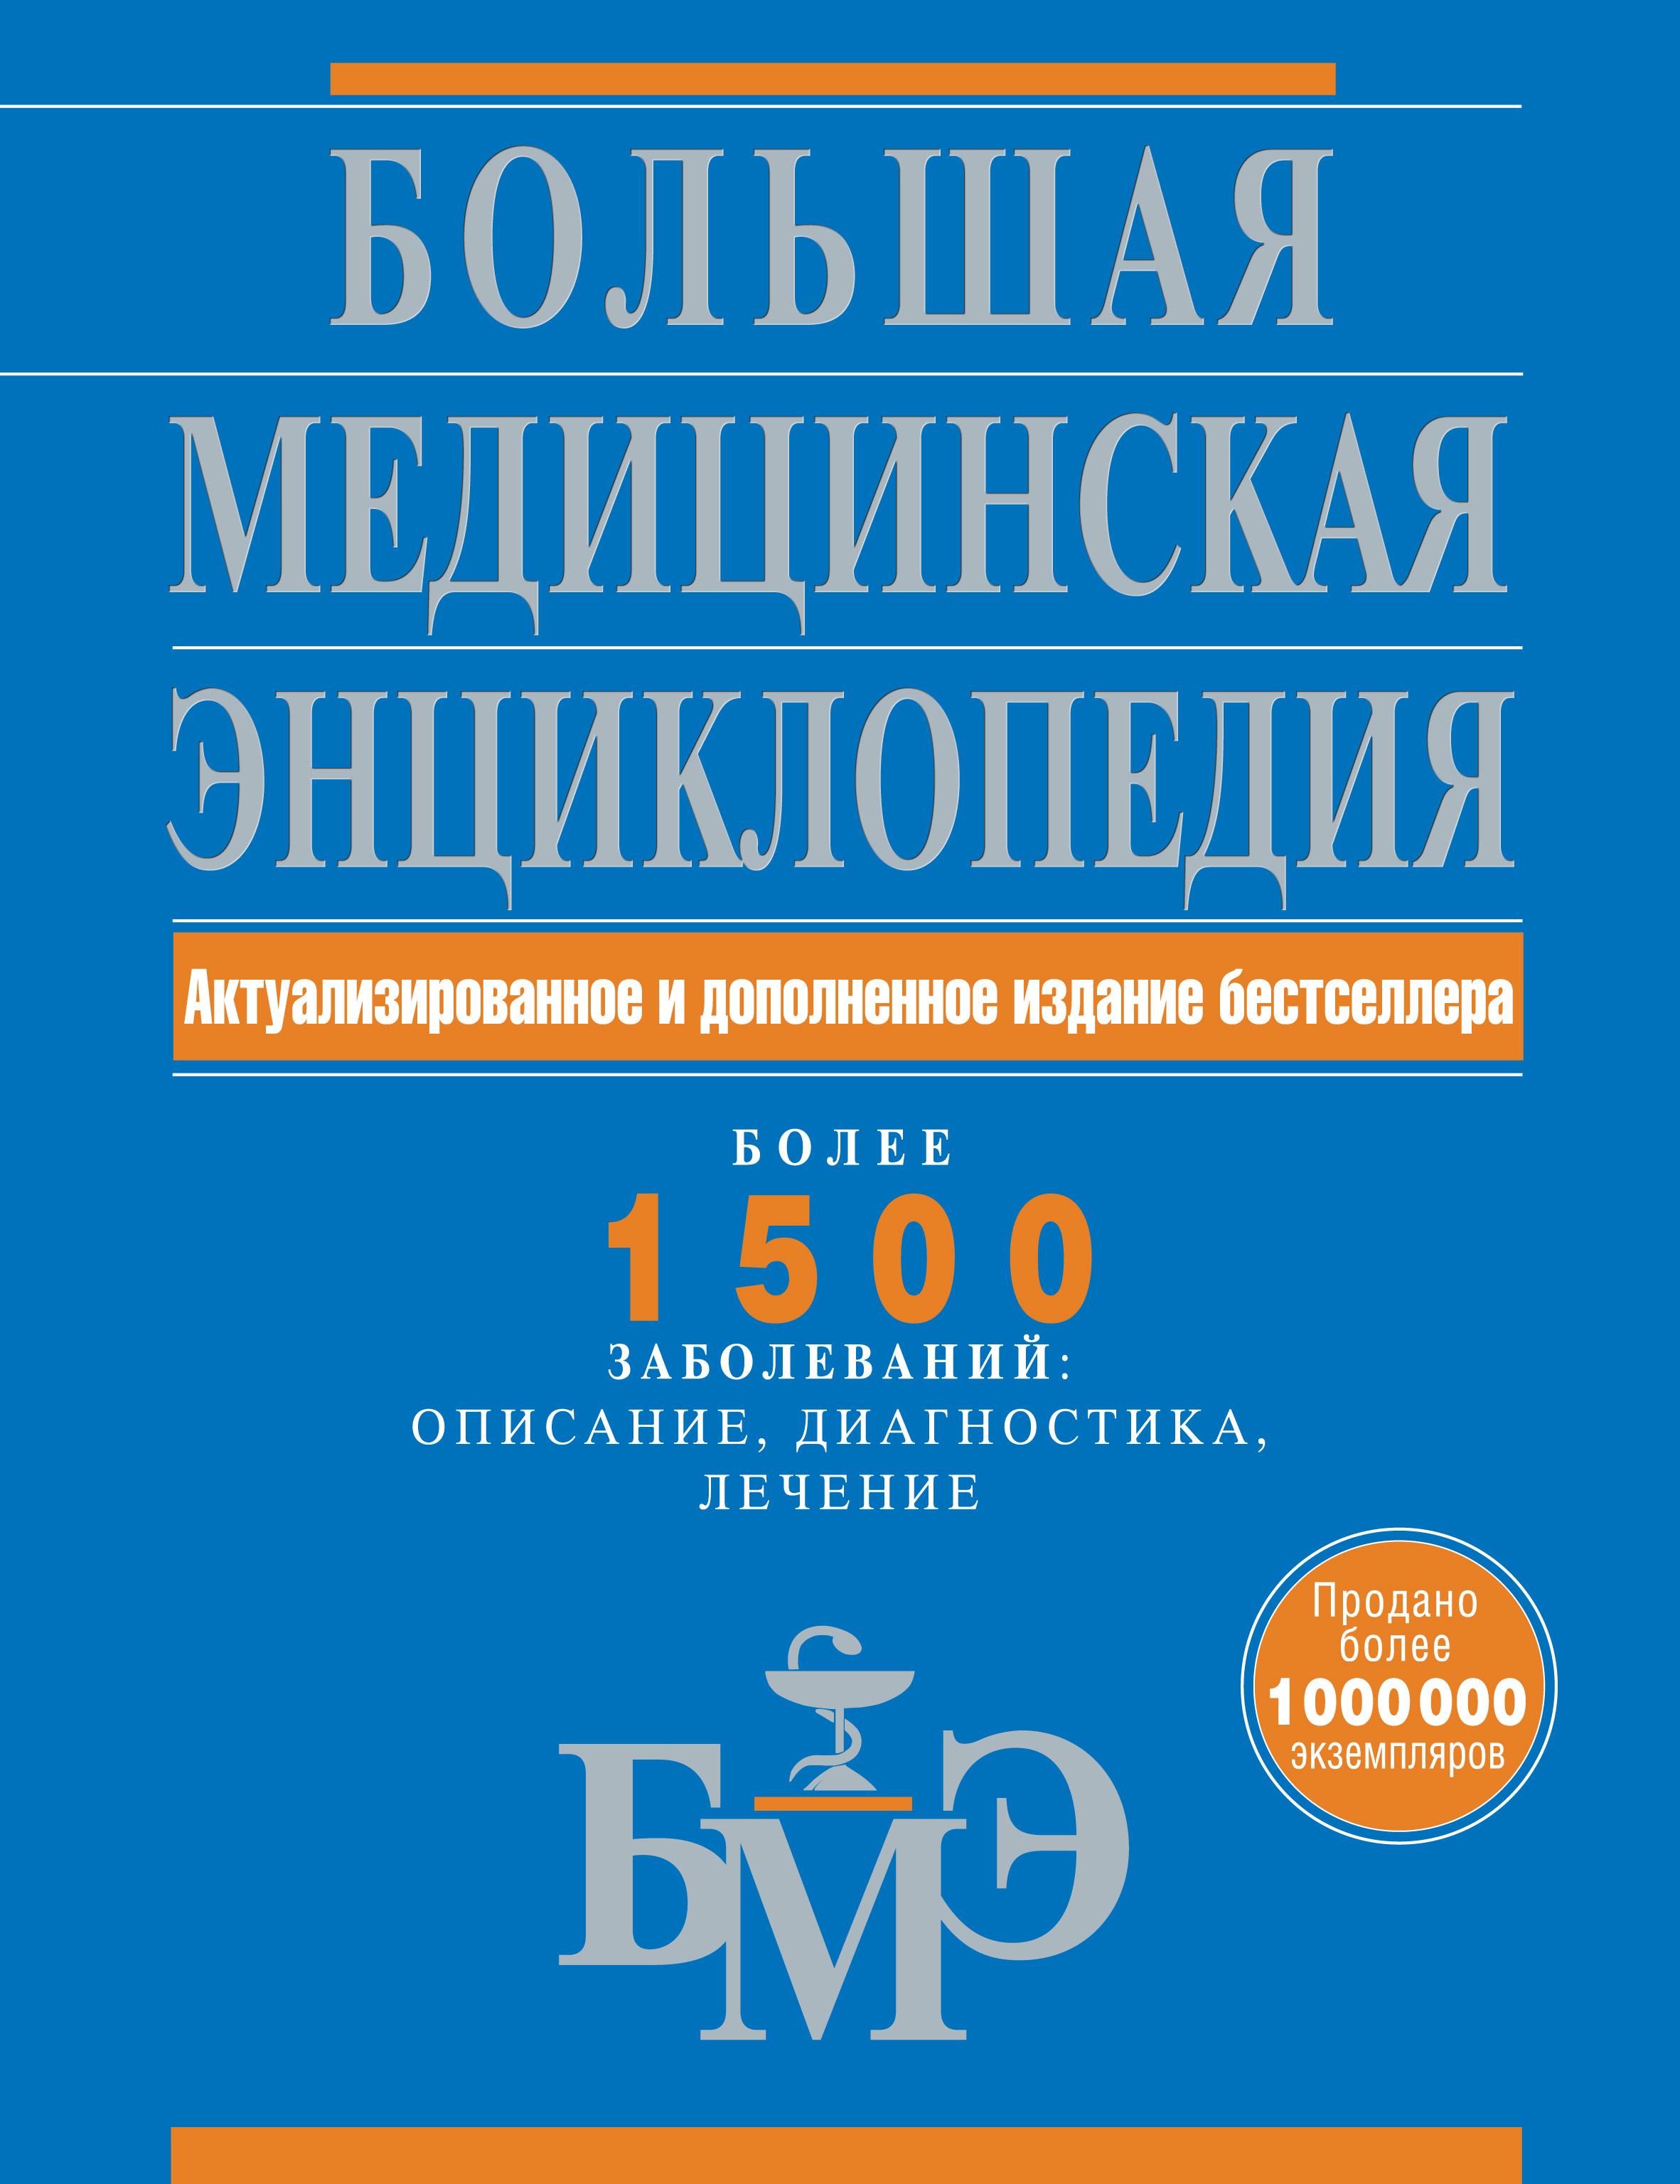 Большая медицинская энциклопедия: актуализированное и дополненное издание бестселлера. Более 1500 заболеваний: описание, диагностика, лечение